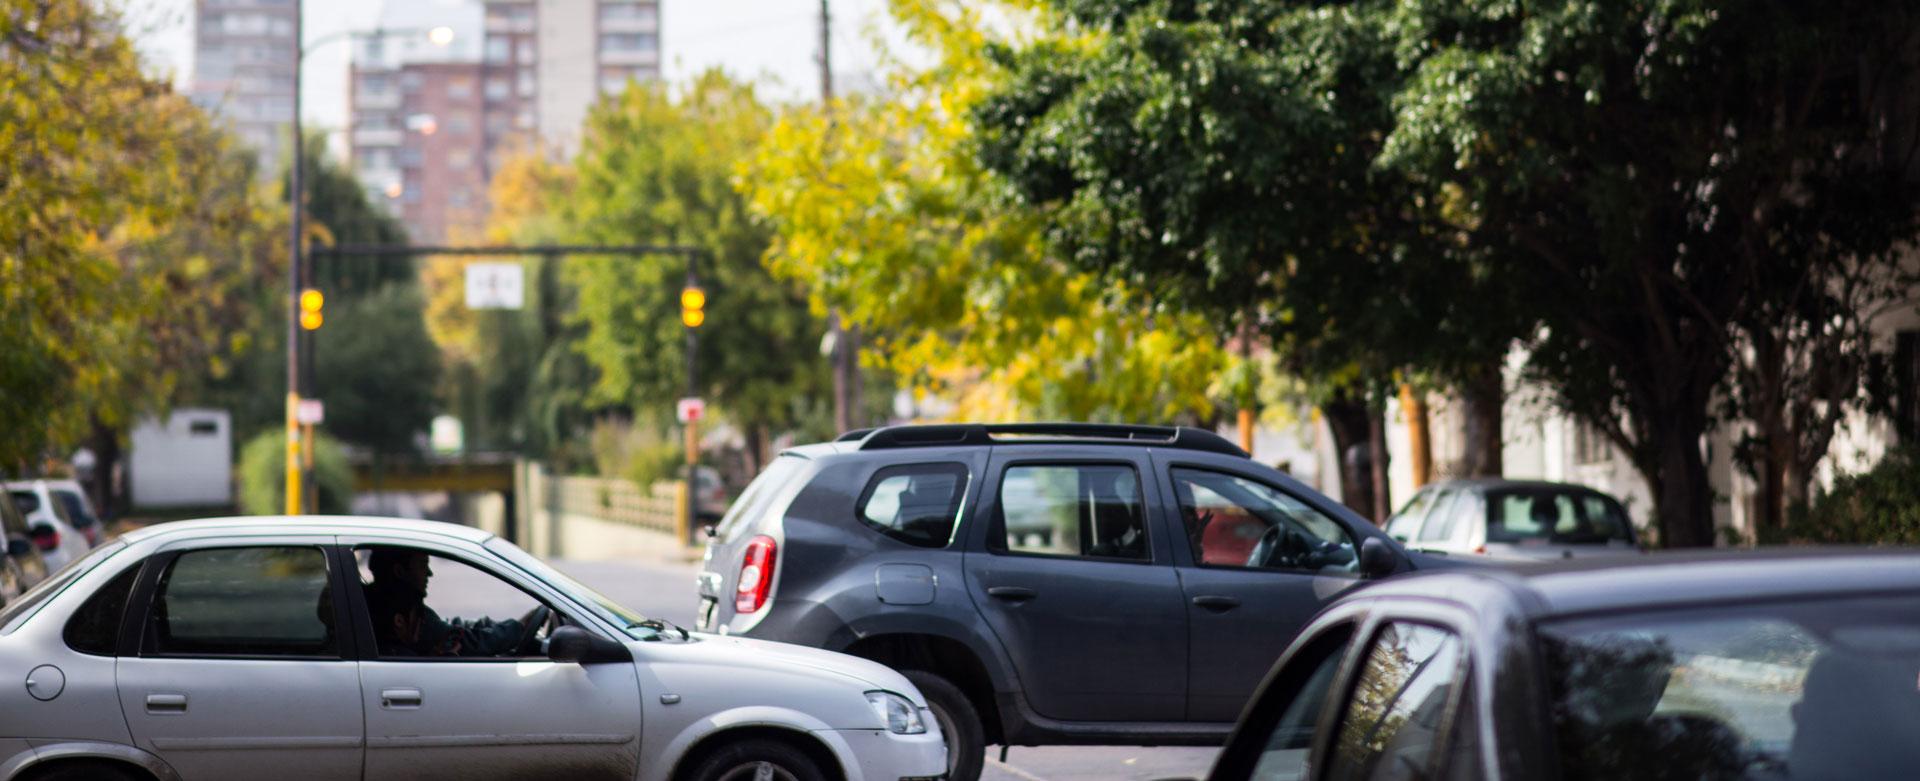 Quilmes Municipio - Licencia de conducir - Reemplazo